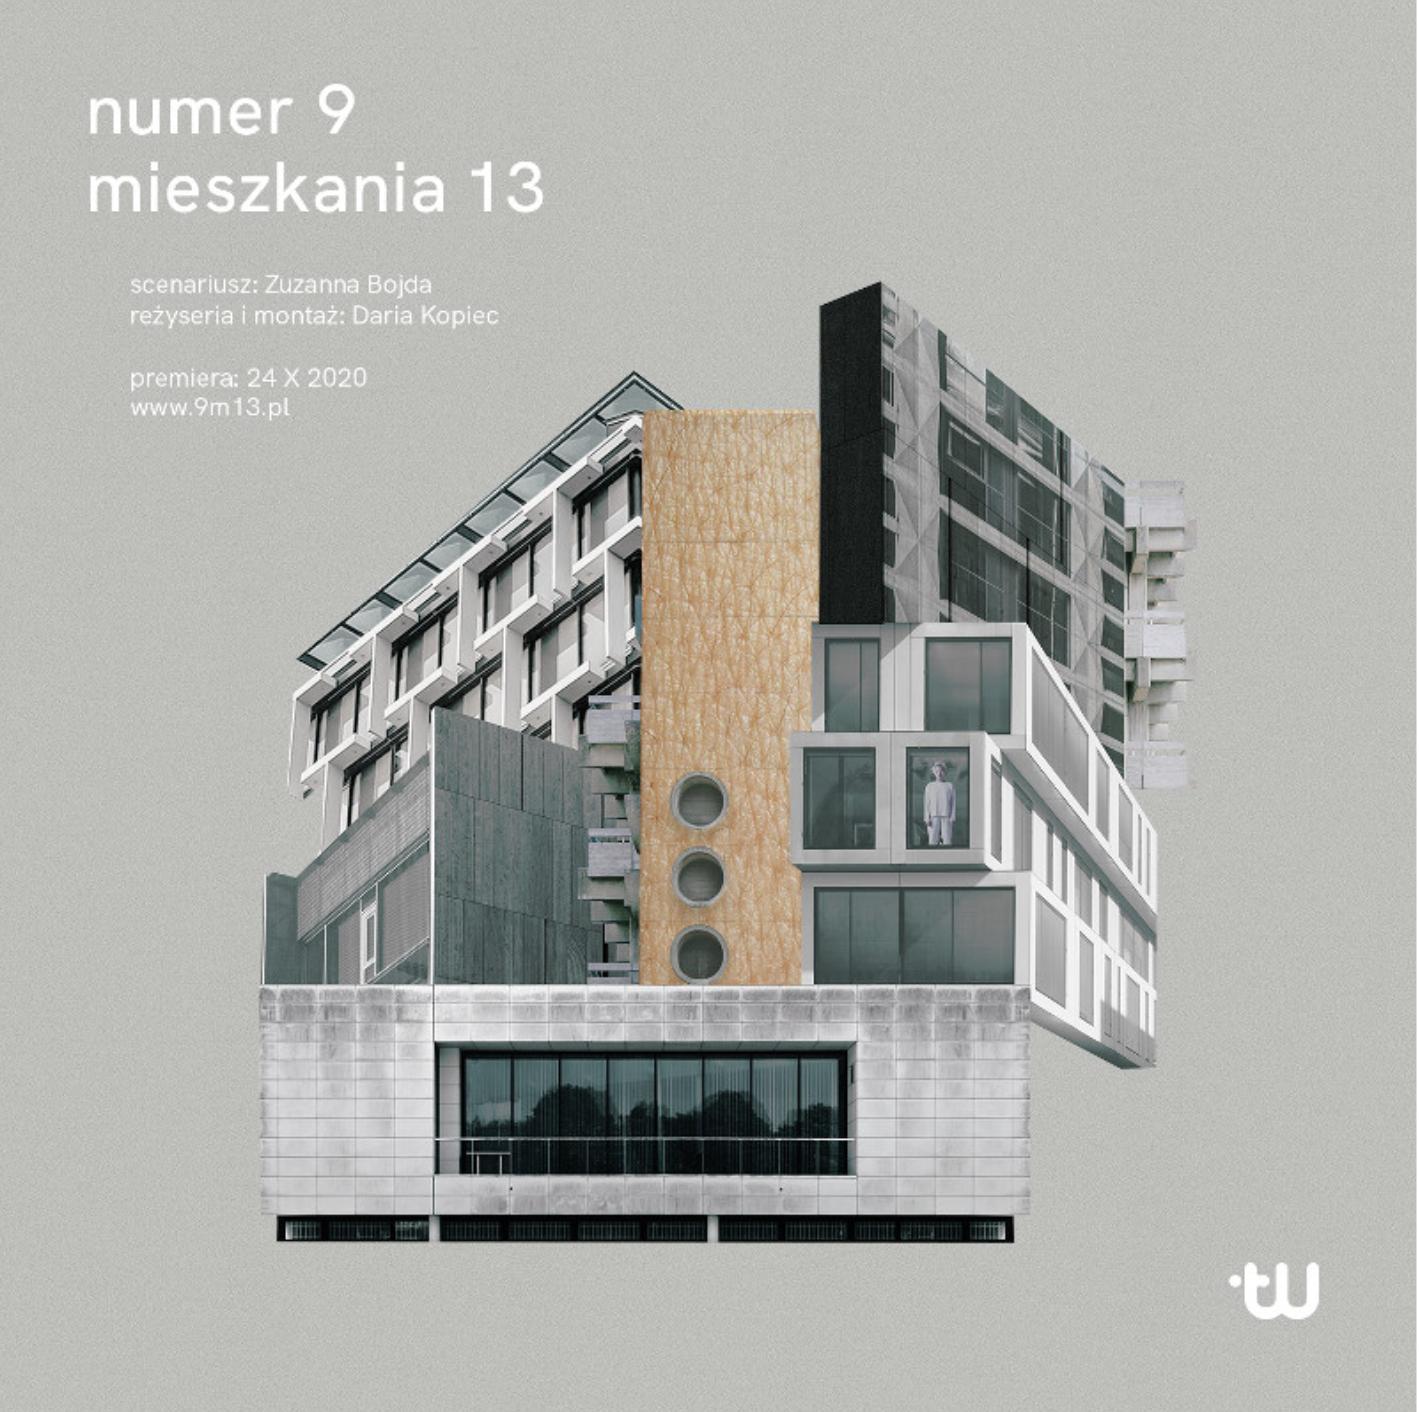 """Spektakl """"Numer 9 mieszkania 13"""" - za darmo online"""